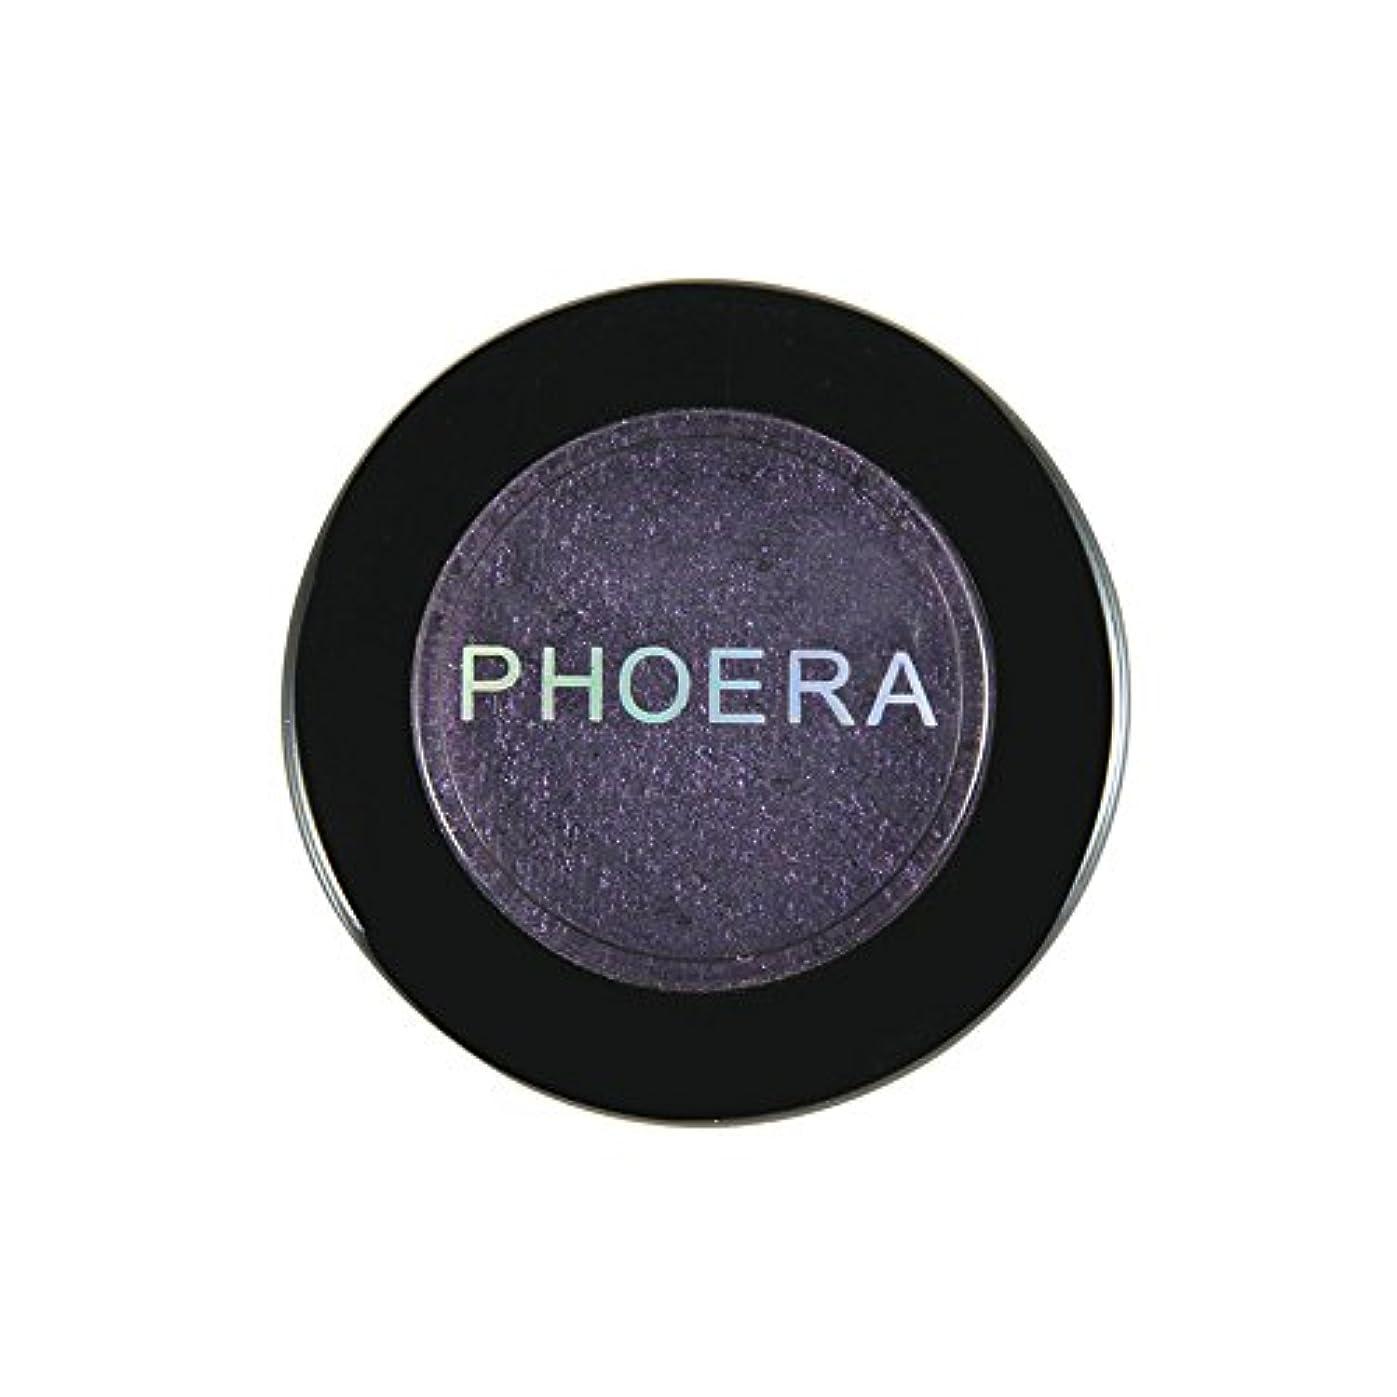 適合する出くわすヨーロッパAkane アイシャドウパレット PHOERA 人気 ファッション 魅力的 マッシュポテト 単なる 一つだけ 綺麗 チャーム 長持ち おしゃれ 持ち便利 日常 仕事 Eye Shadow (4色)